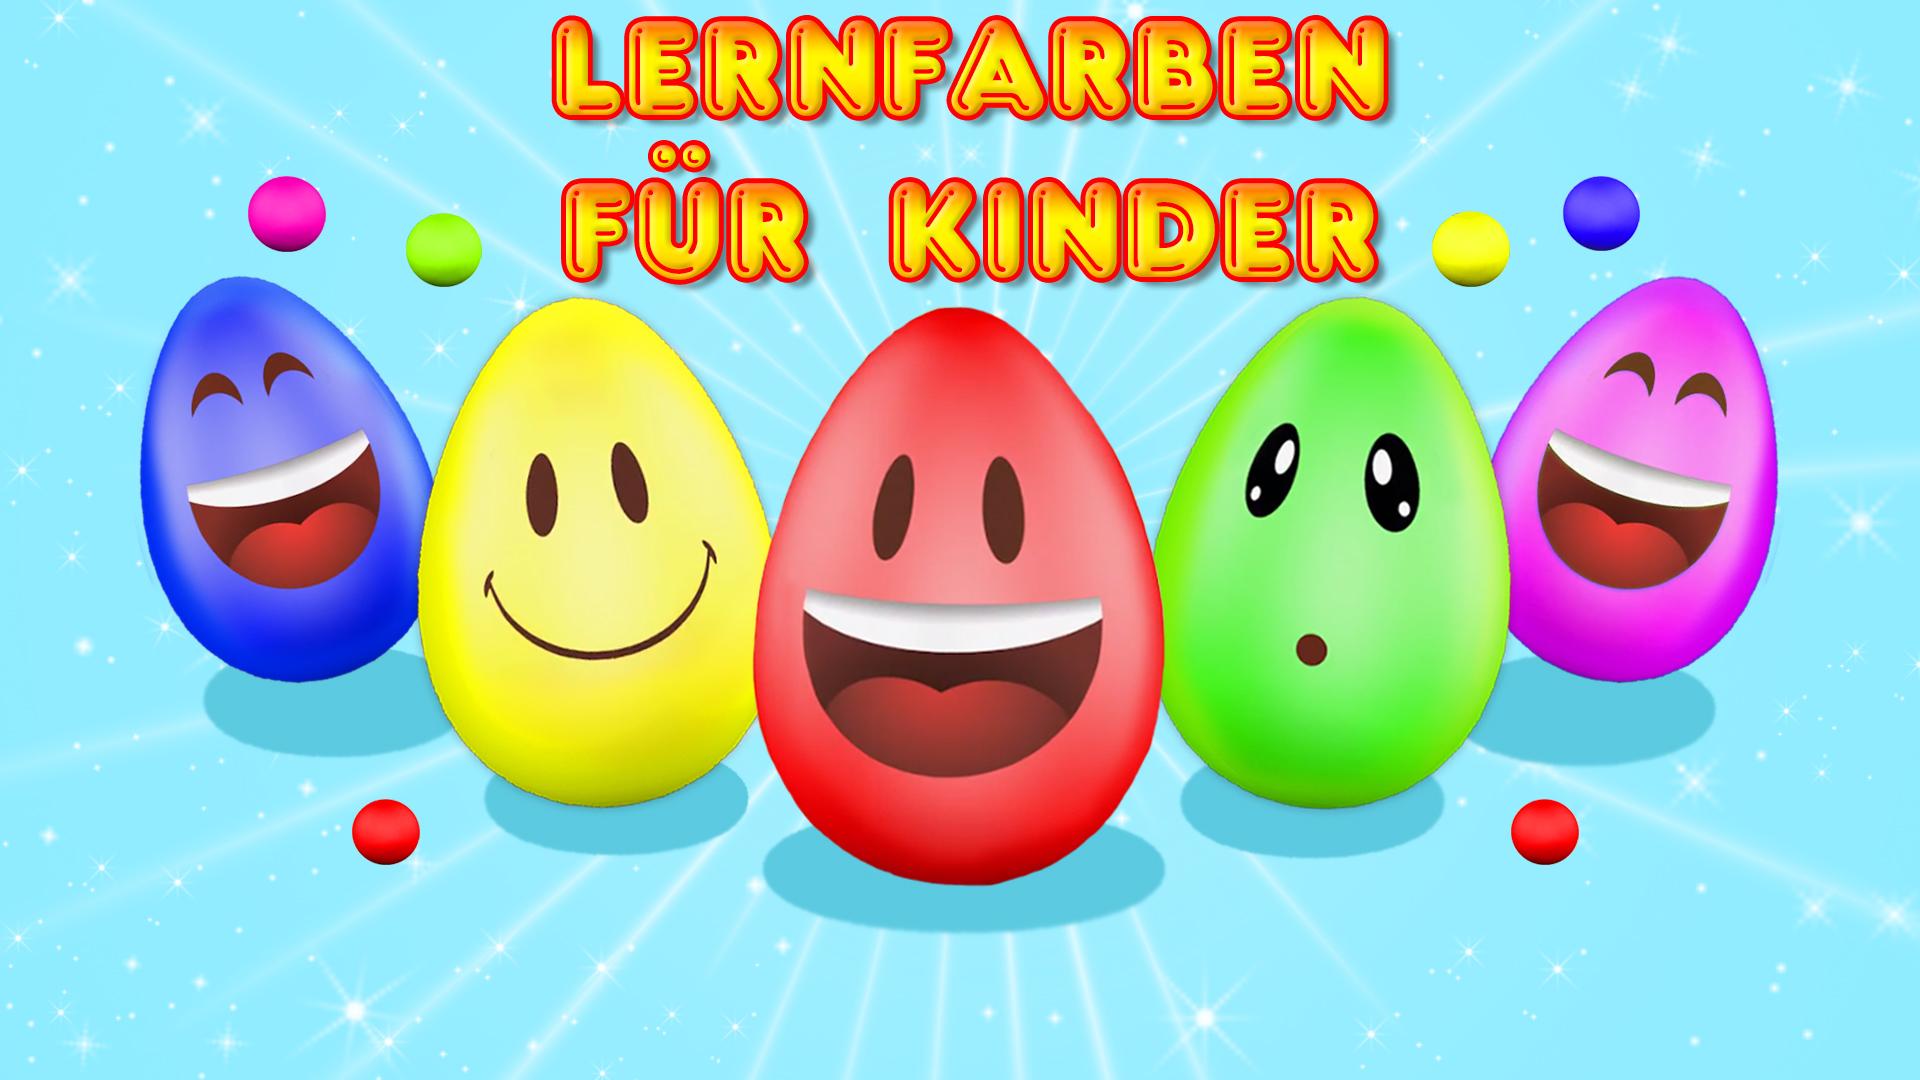 Lernfarben für Kinder